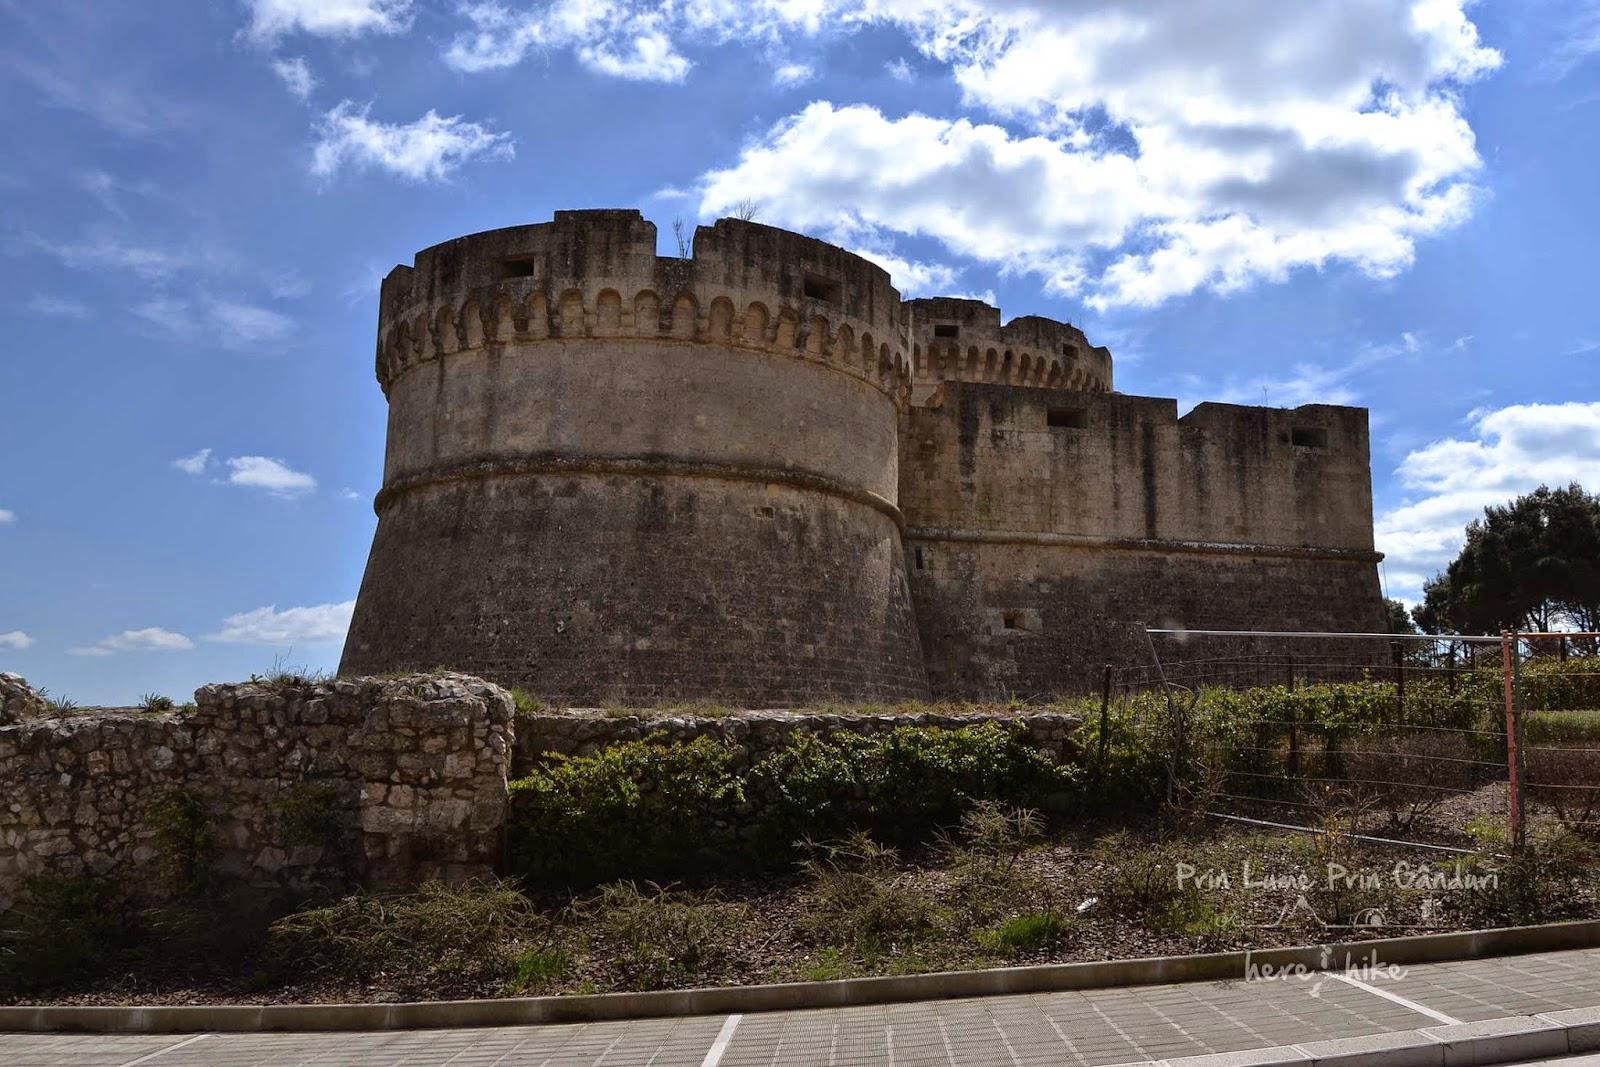 Italia-Matera-castle-fortress